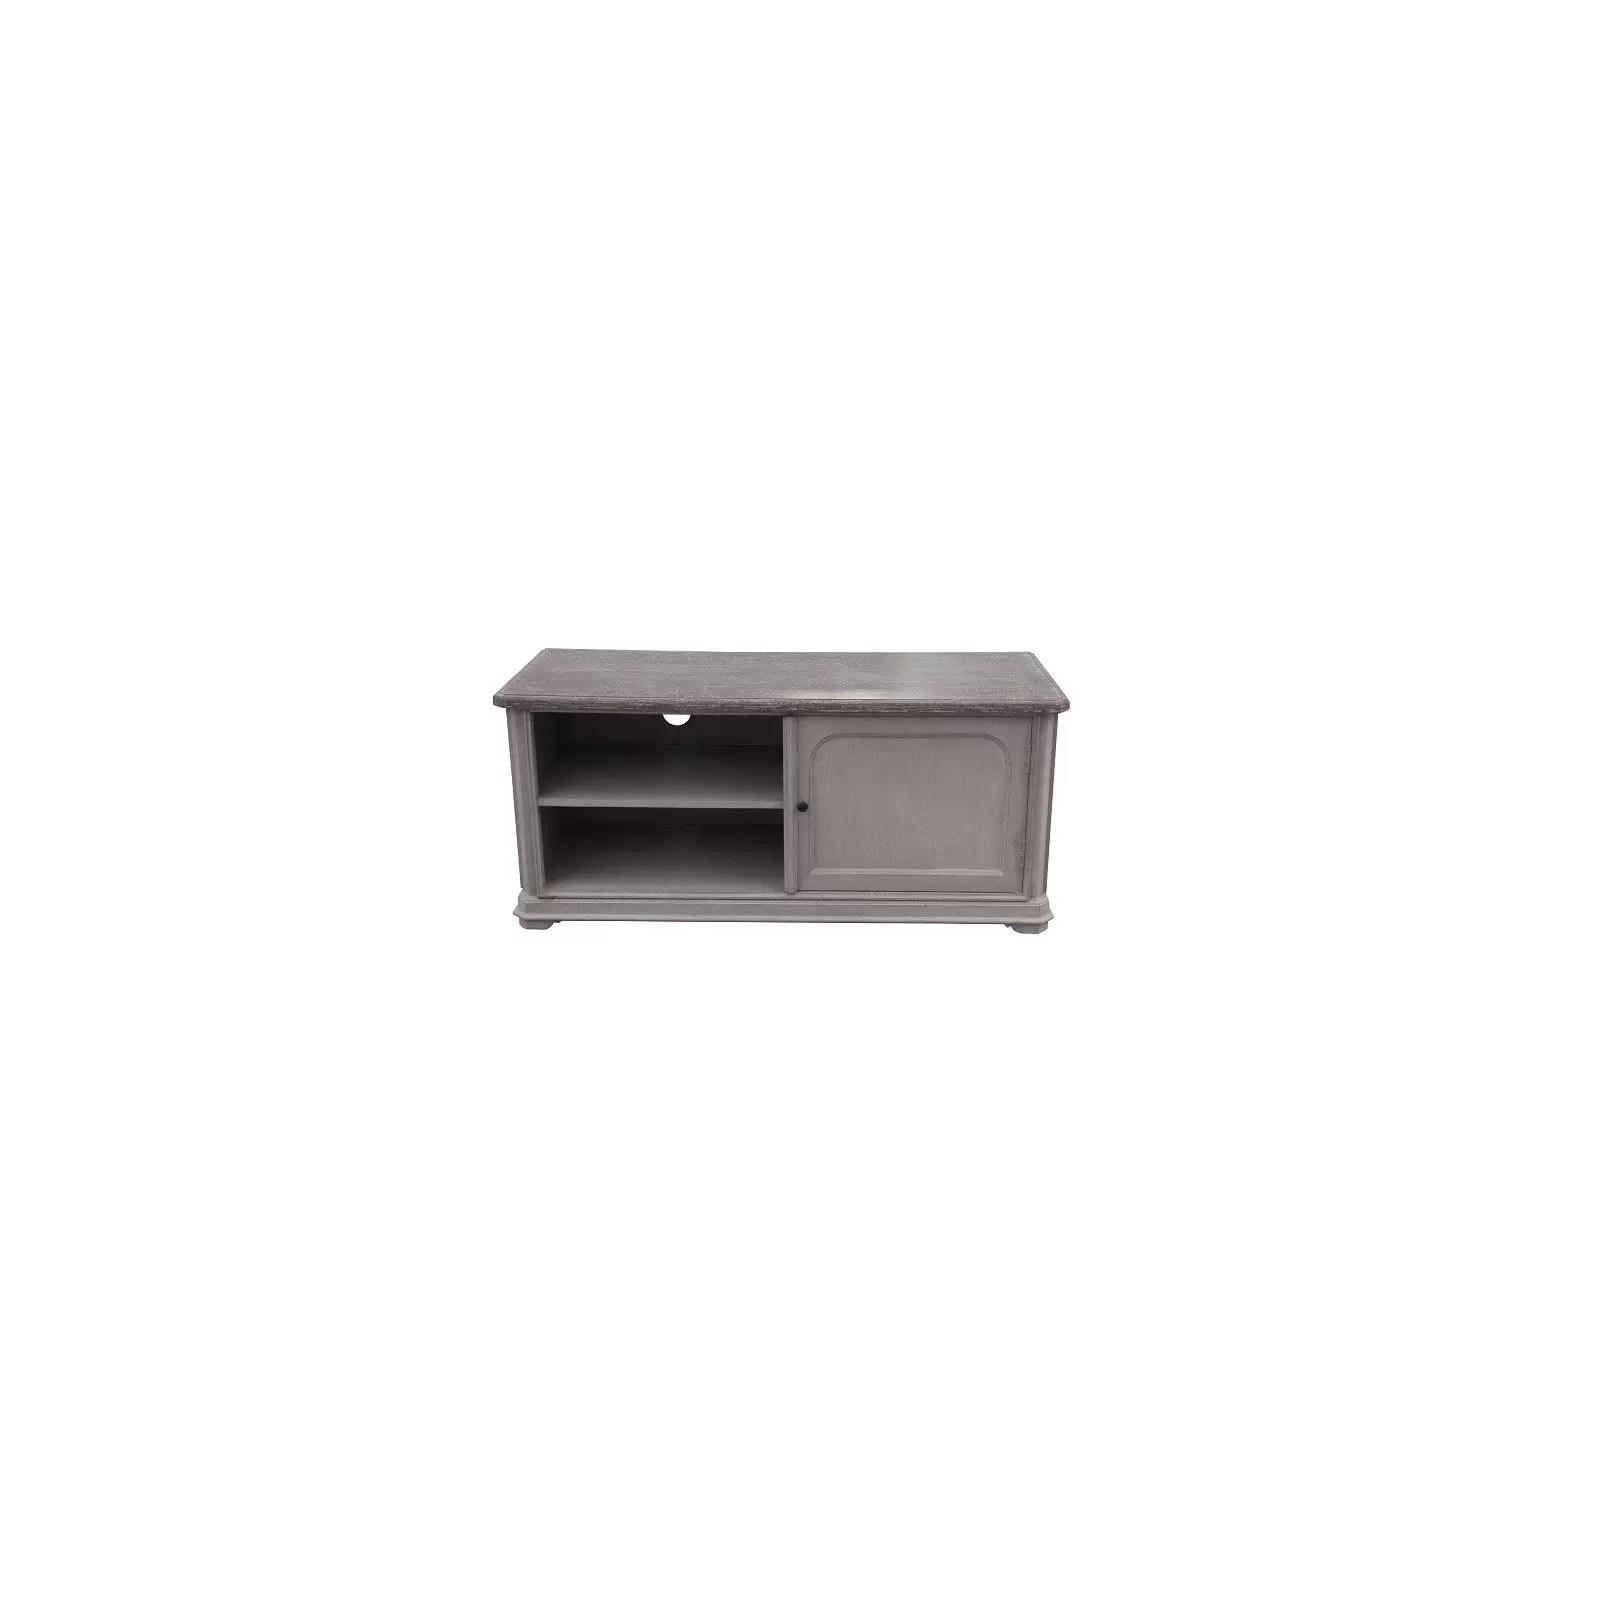 meuble tv manoir haut de gamme en bois manguier massif 1 porte et vernis cellulosique